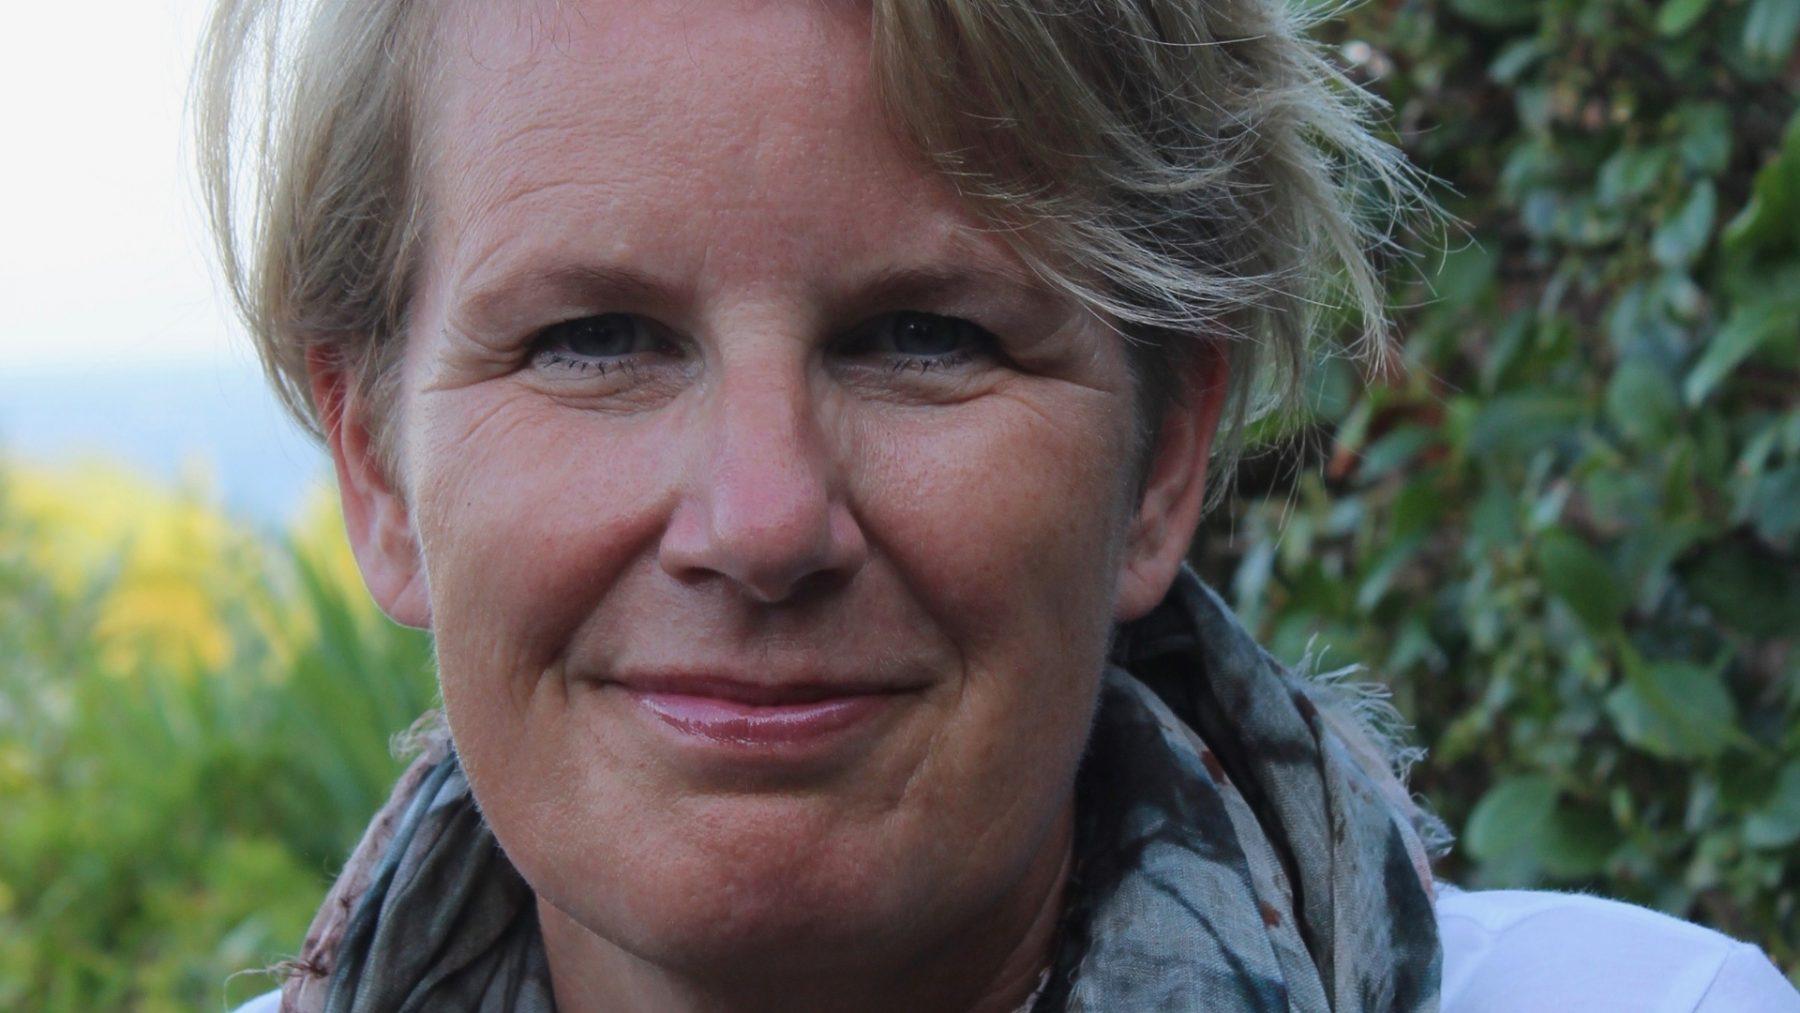 Luister-expert Corine Jansen: 'We kiezen er vaak voor om niet te luisteren'